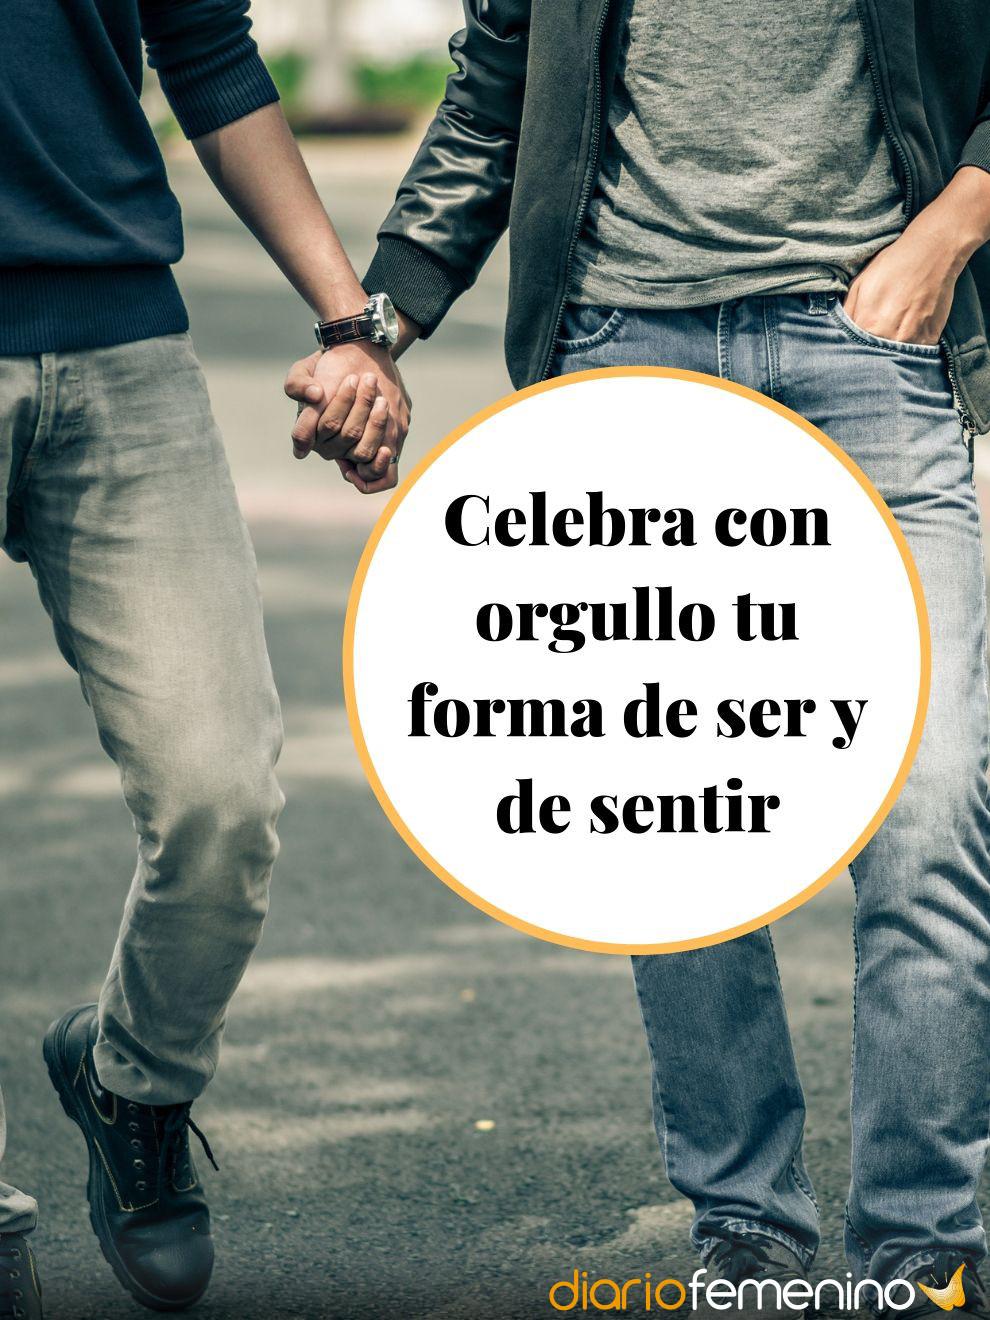 Frases de Orgullo Gay: siéntete orgulloso de tu condición y de tu amor